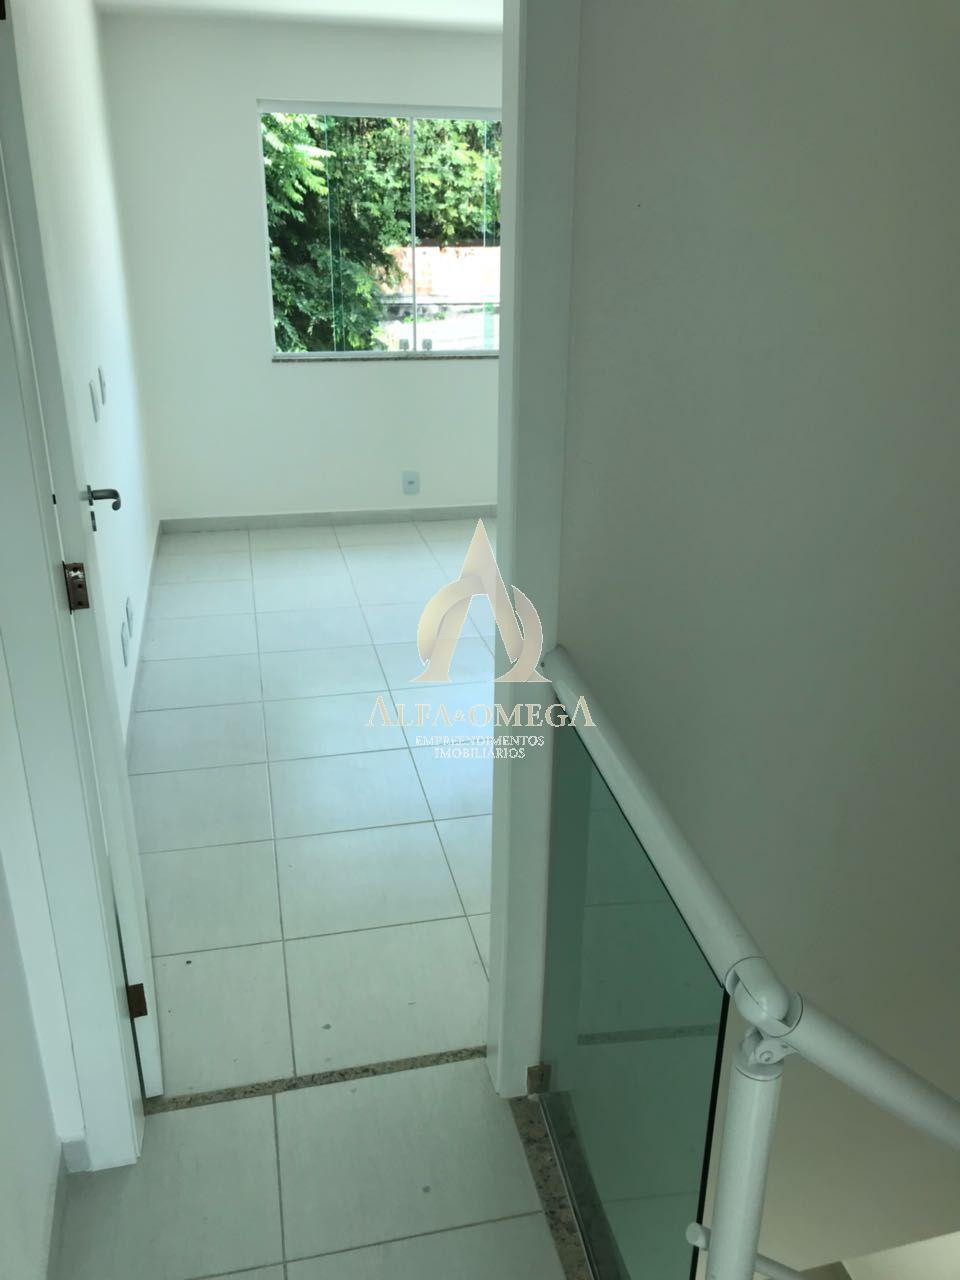 FOTO 7 - Casa Taquara, Rio de Janeiro, RJ À Venda, 3 Quartos, 120m² - AOJ60014 - 8